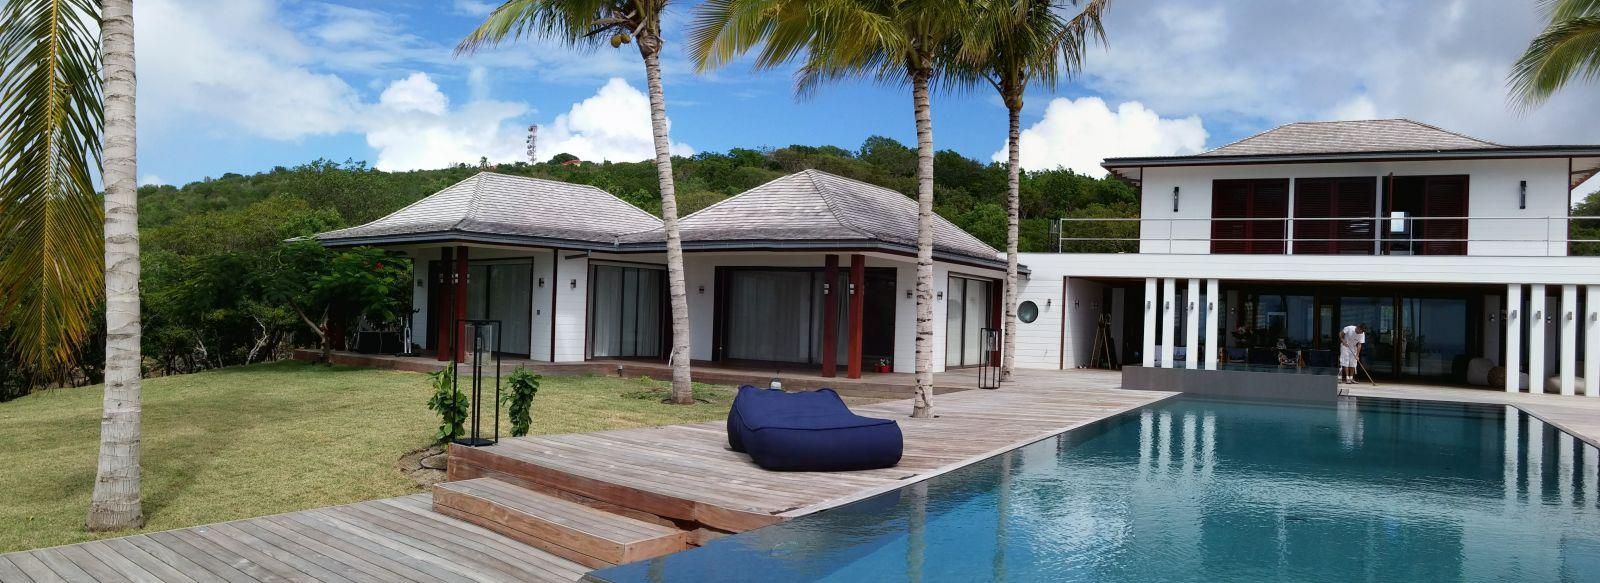 quel bois pour terrasse cheap quel bois pour exterieur bois pour escalier exterieur terrasse. Black Bedroom Furniture Sets. Home Design Ideas